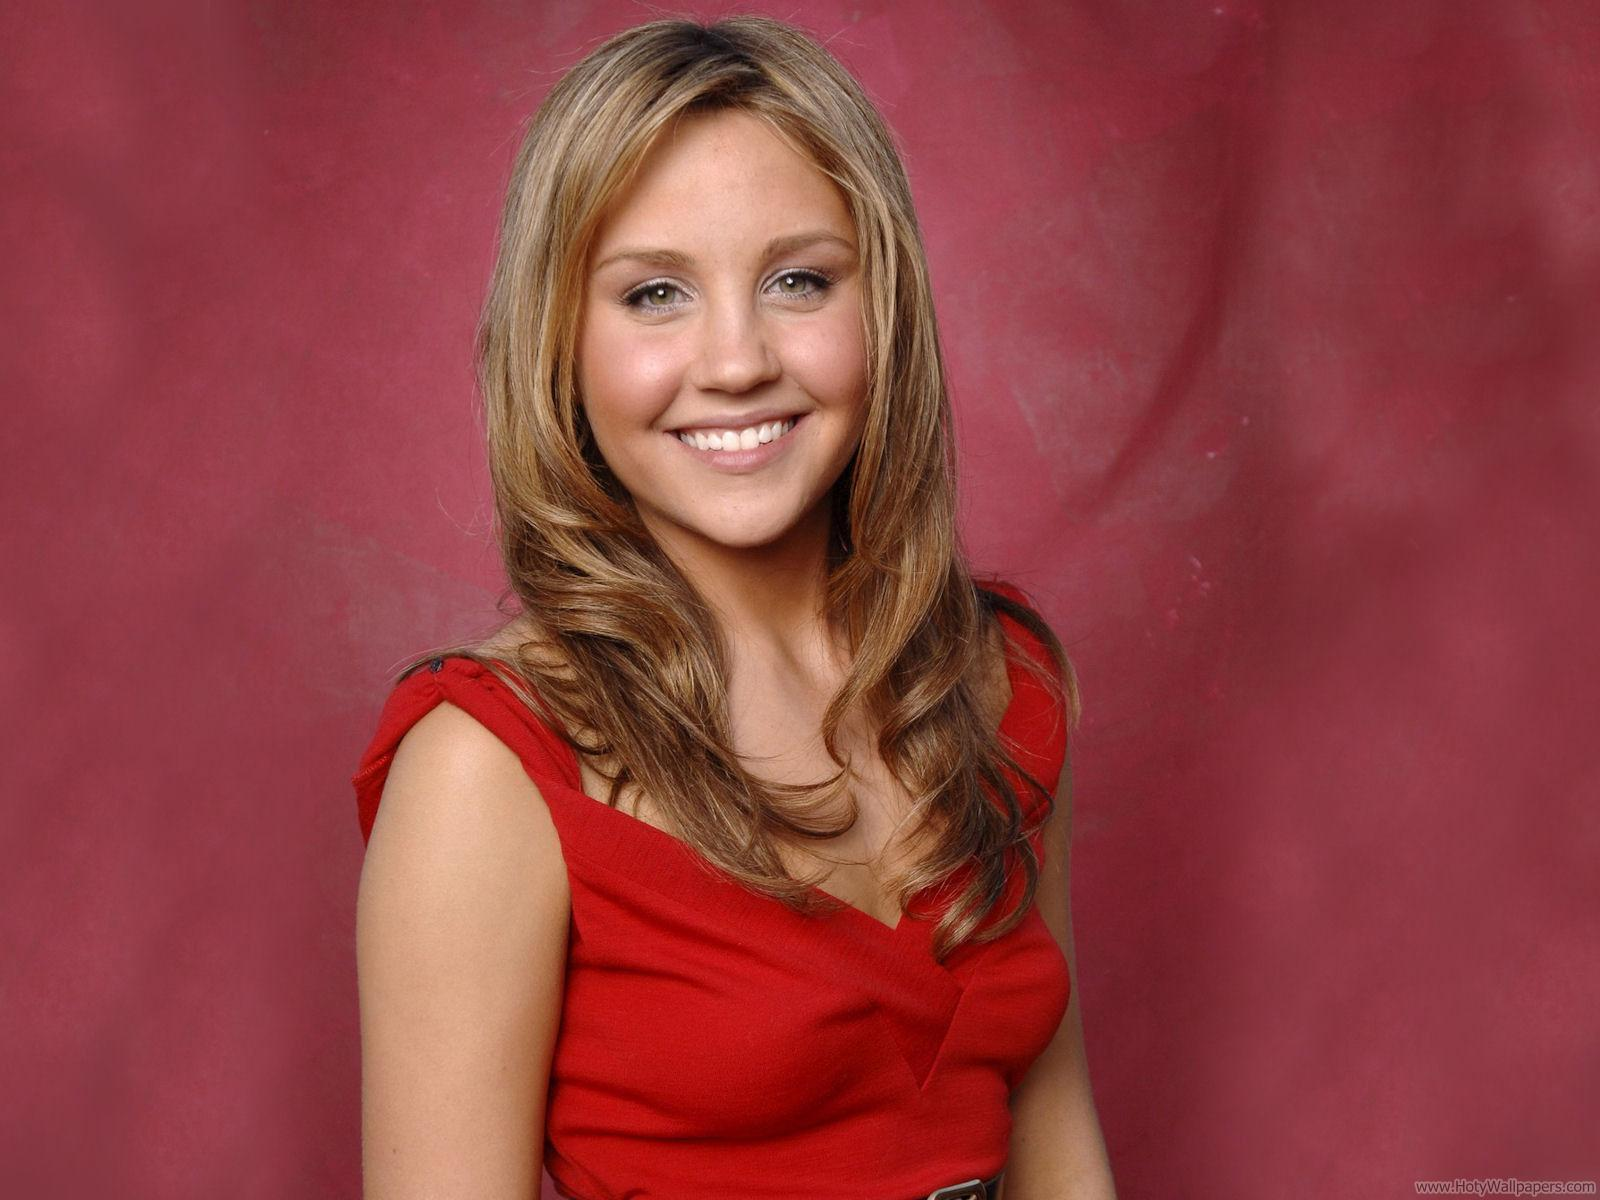 http://3.bp.blogspot.com/-H_vv7crXm_w/Tt8xcAulu3I/AAAAAAAACZU/bwj9YlpX5Og/s1600/amanda_bynes_american_actress_wallpaper.jpg